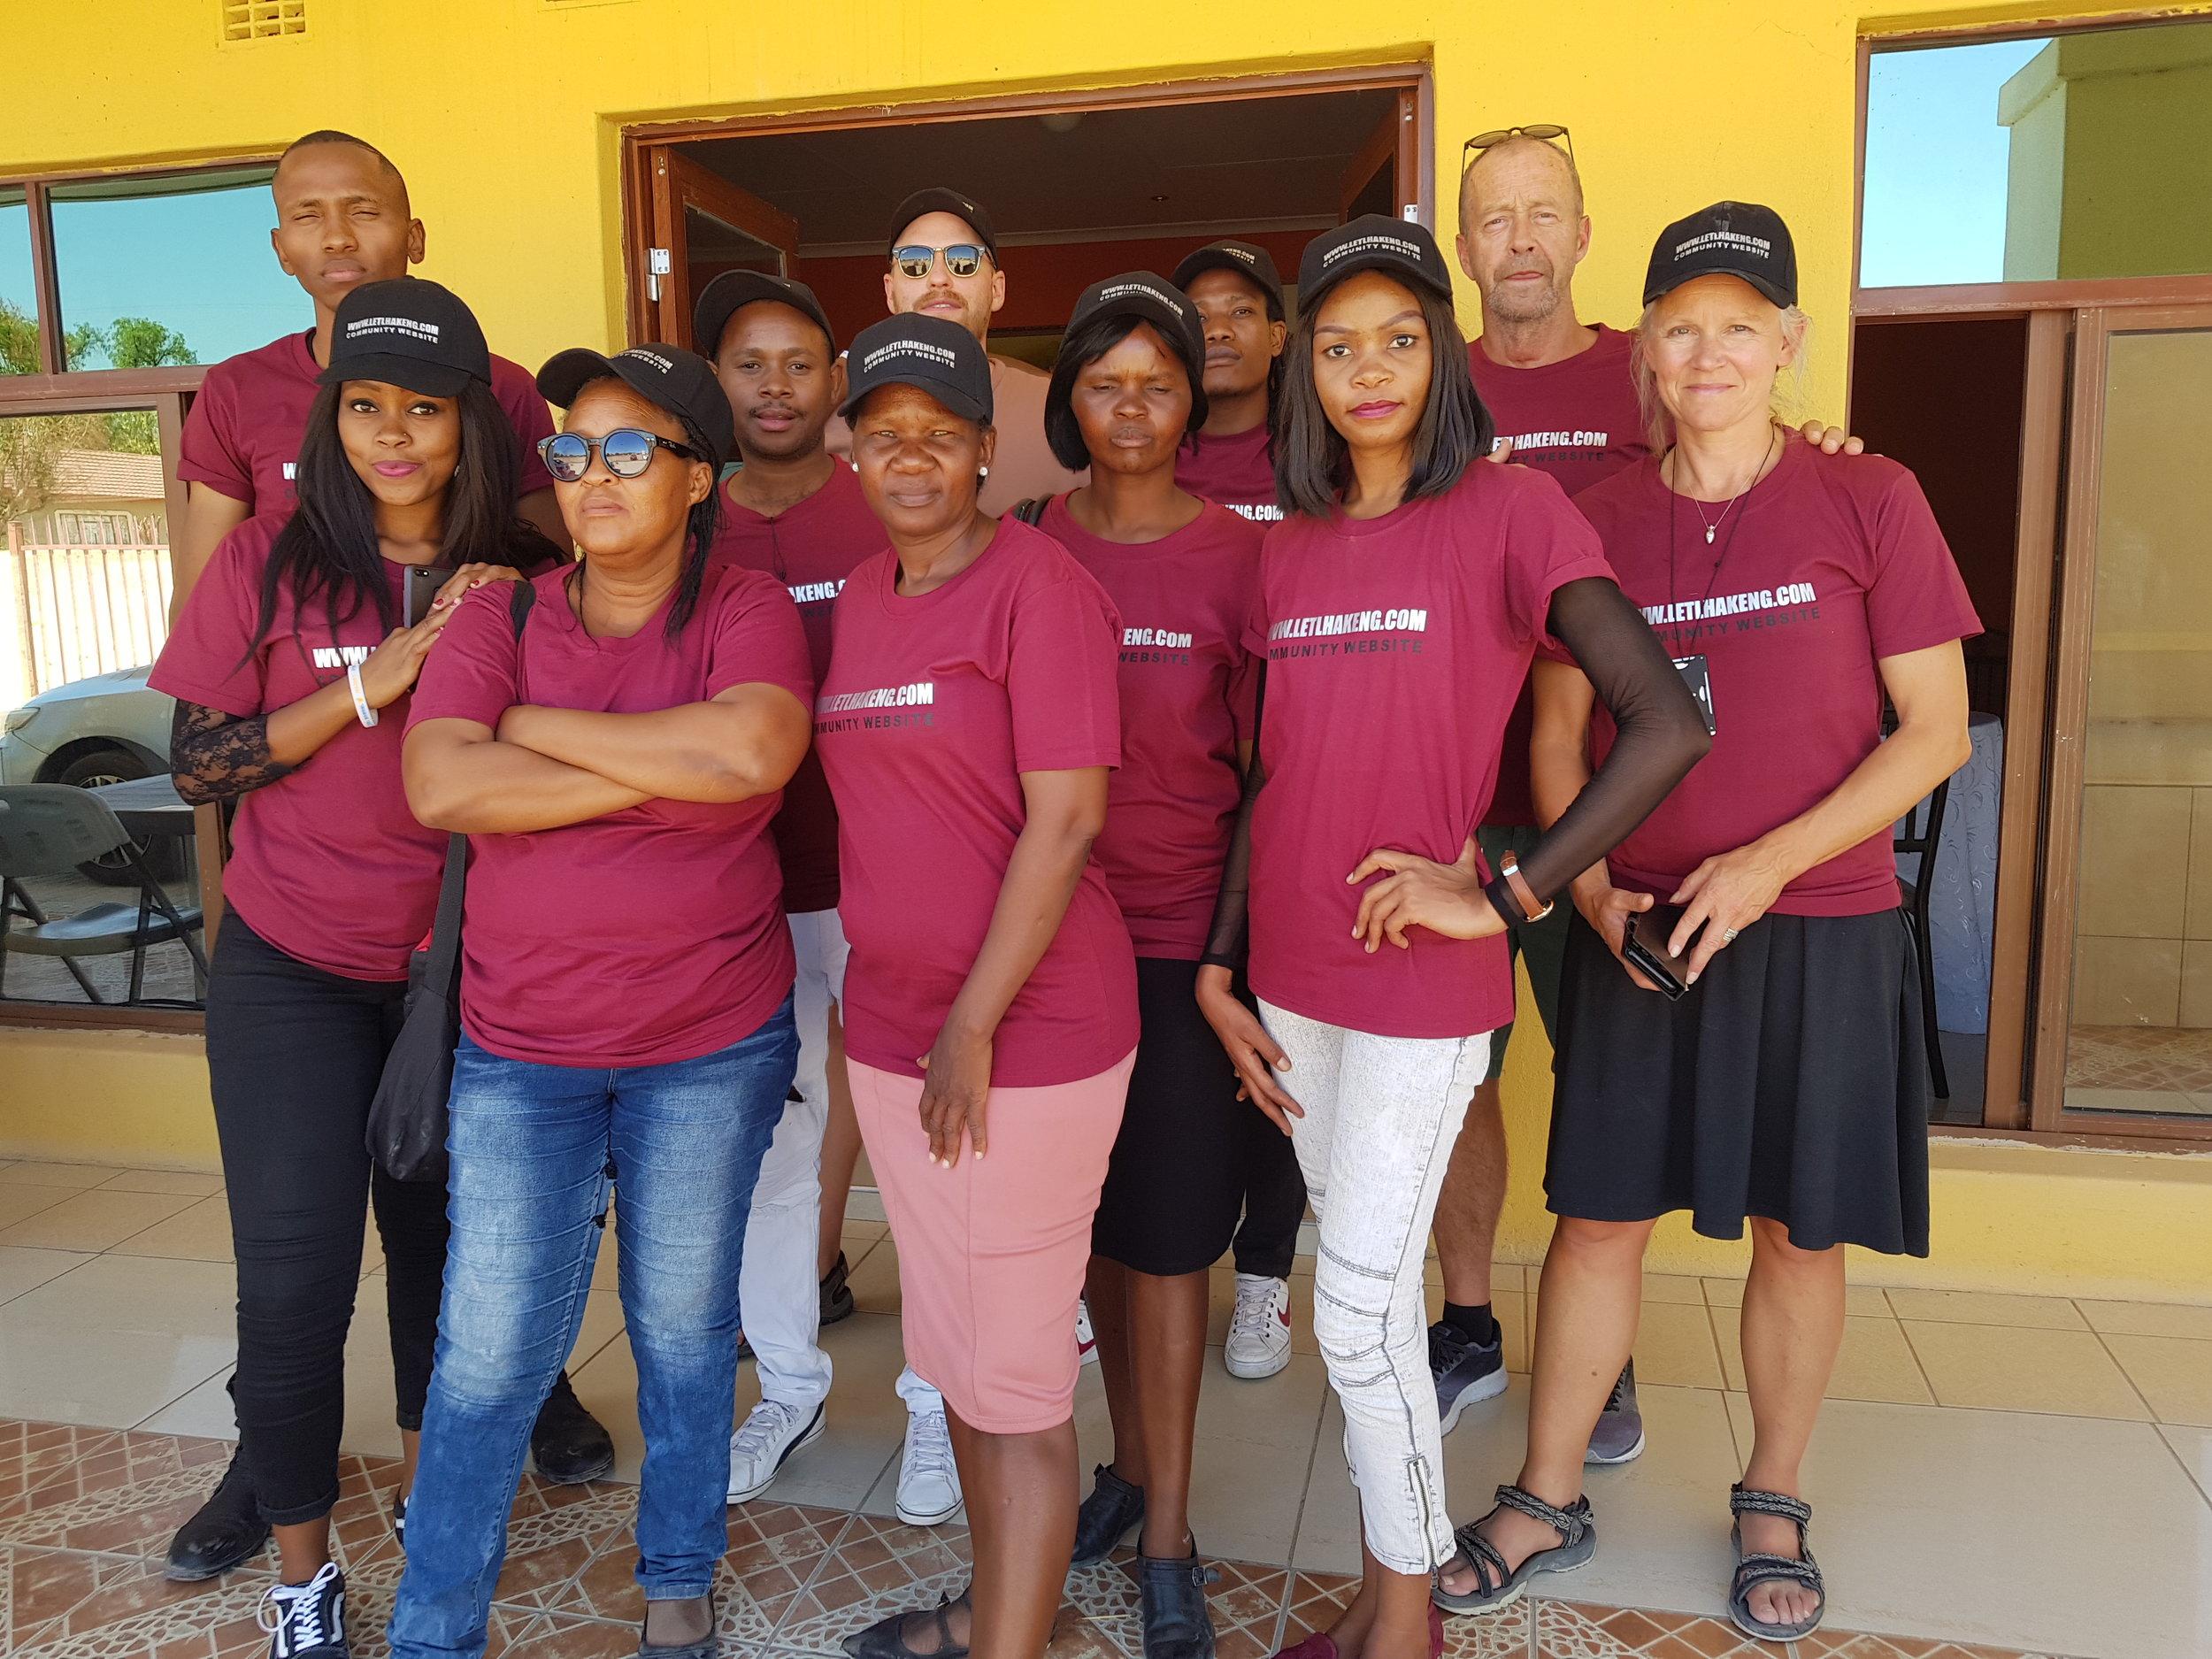 - The www.letlhakeng.com team!